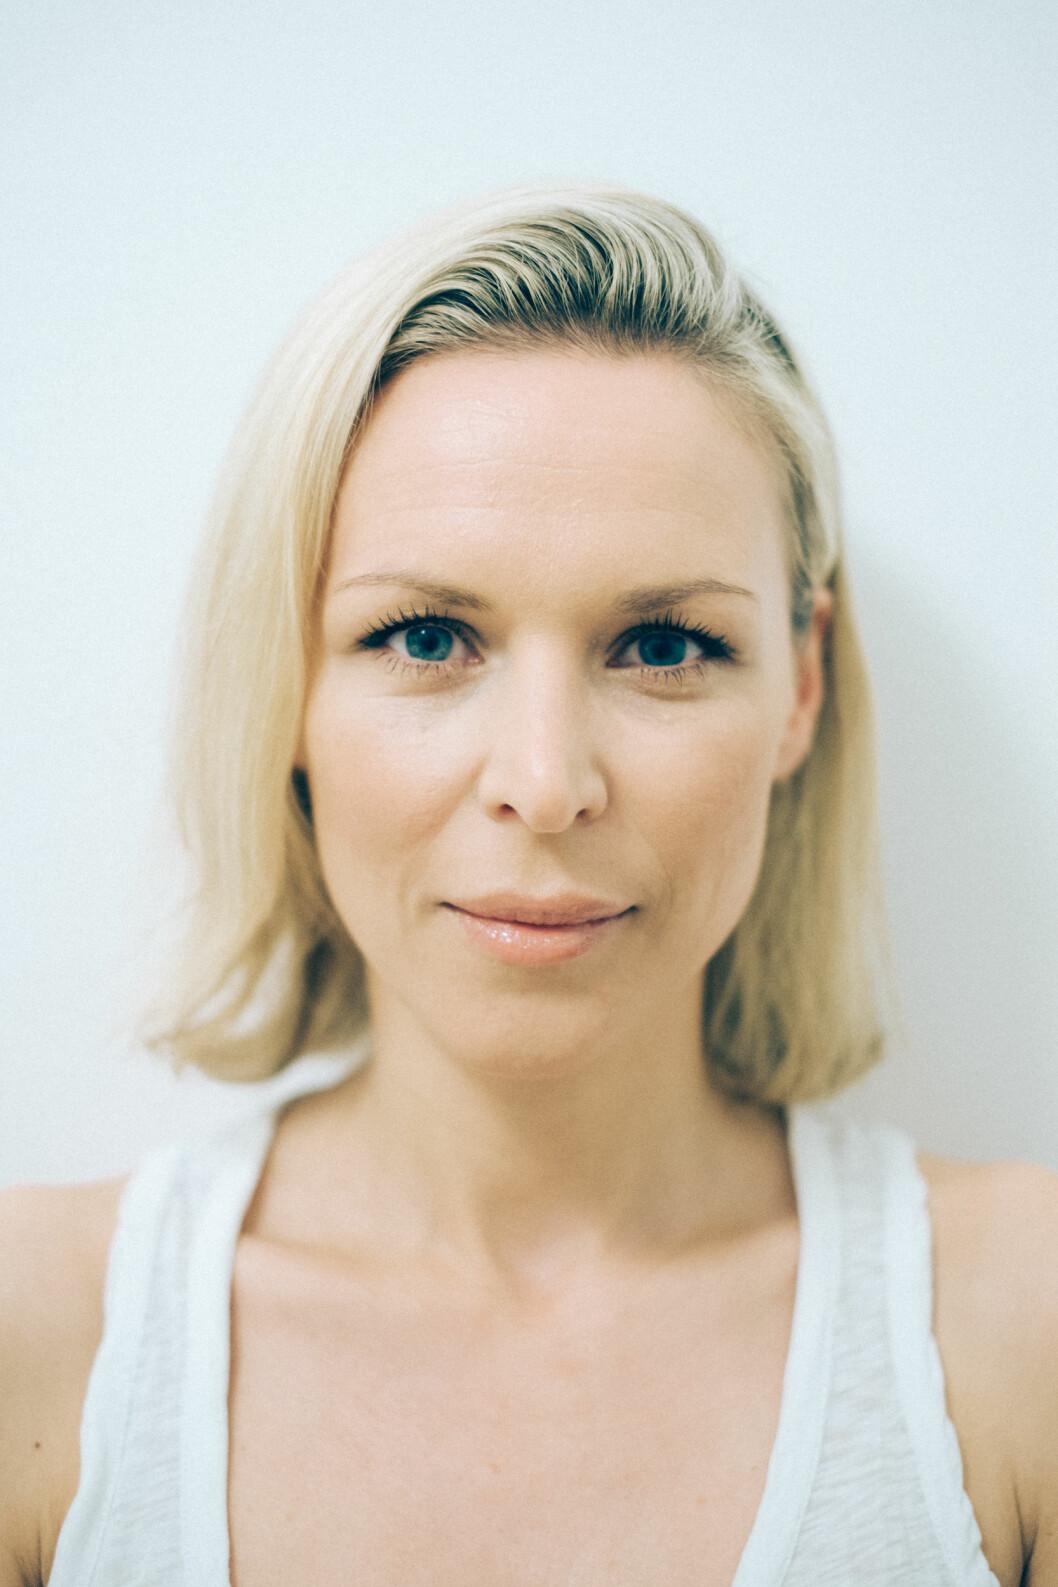 NATURLIG GLØD, SELV MED LITT SMINKE: Vanessa ser glødende, vakker og nesten sminkefri ut. Foto: Vanessarudjord.no